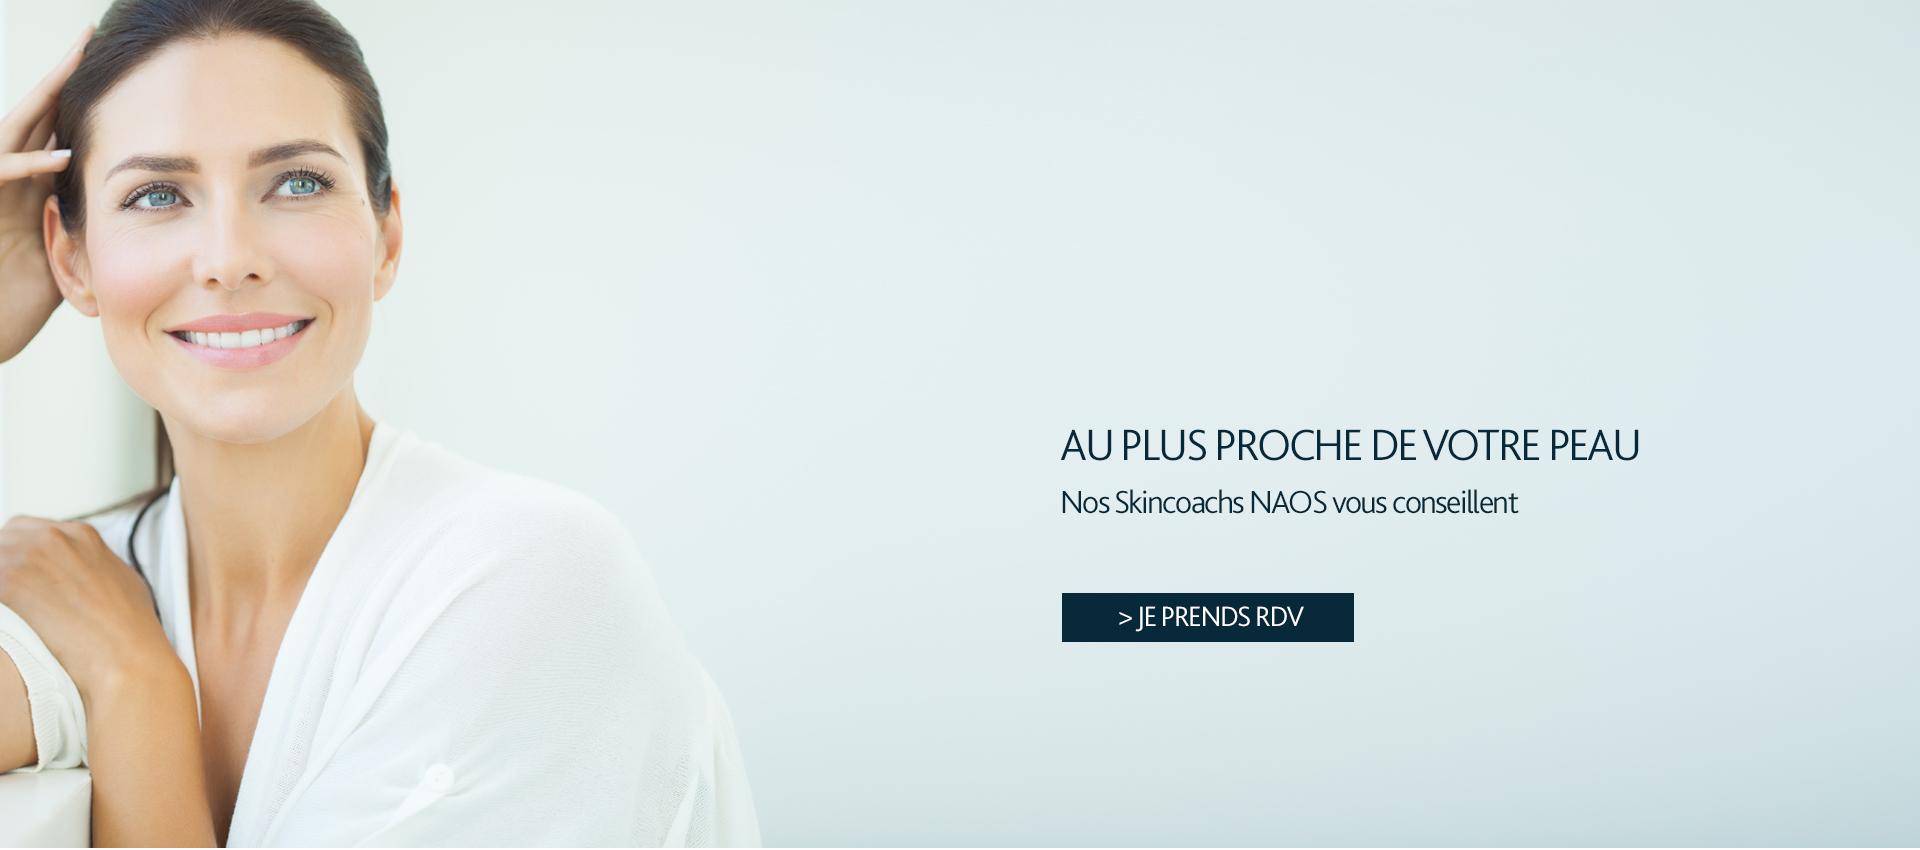 Skincoachs NAOS - Prenez rendez-vous